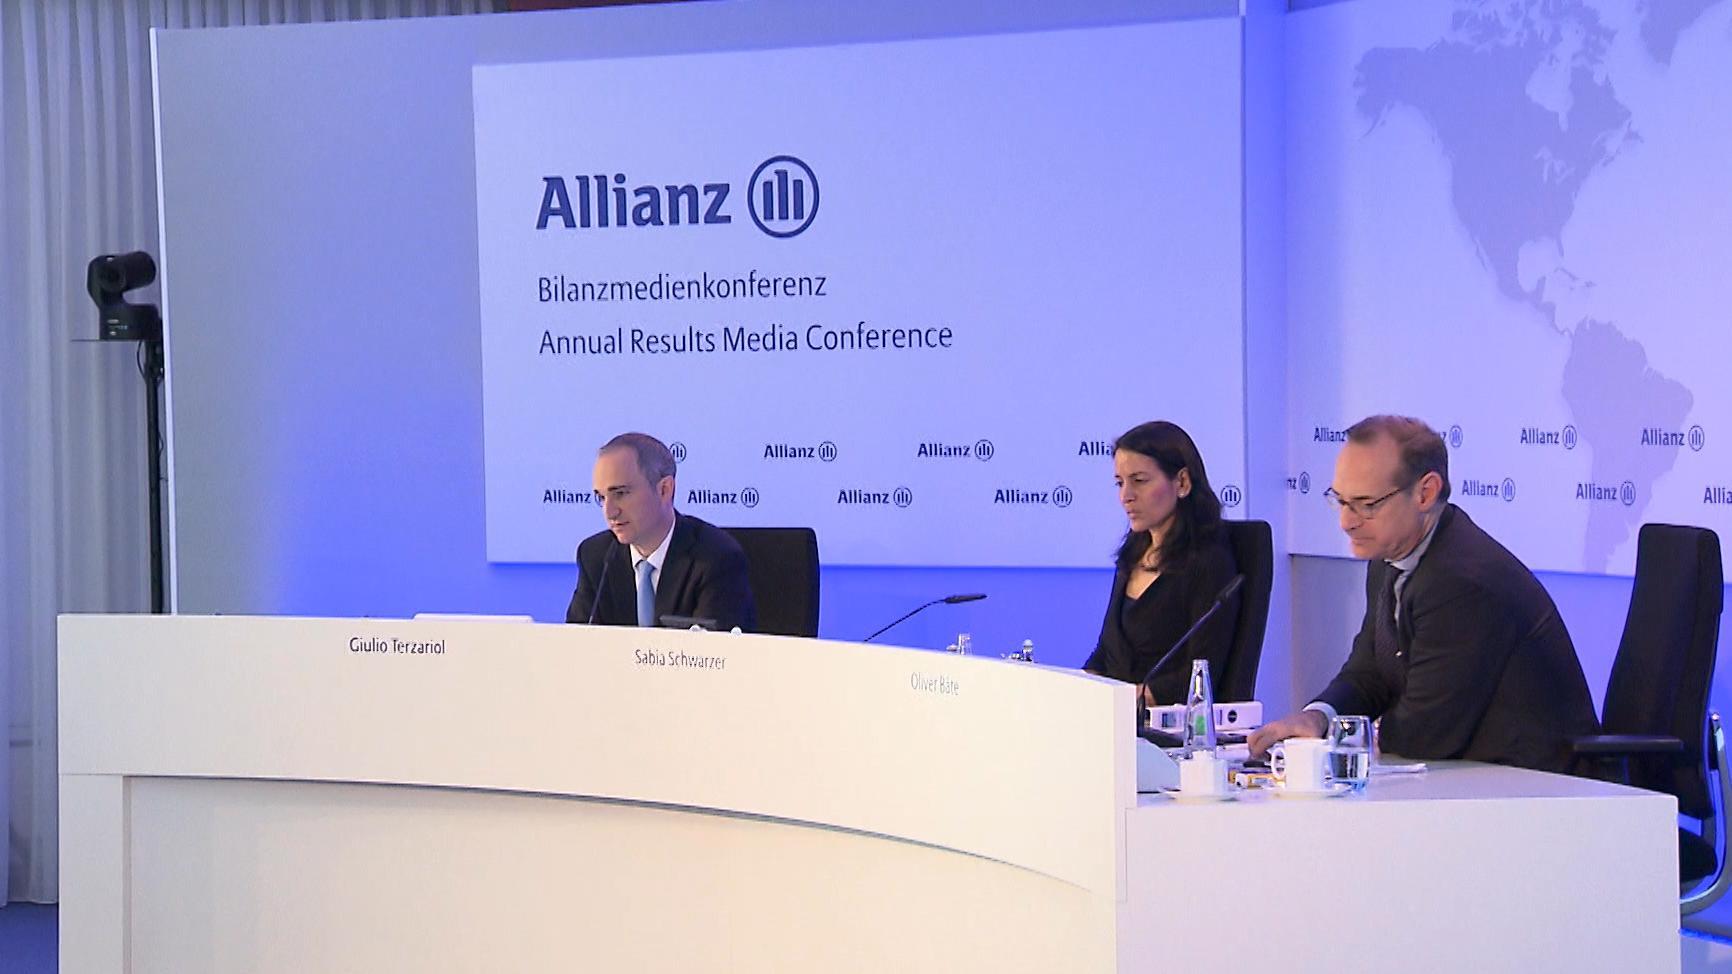 Bilanz-PK der Allianz